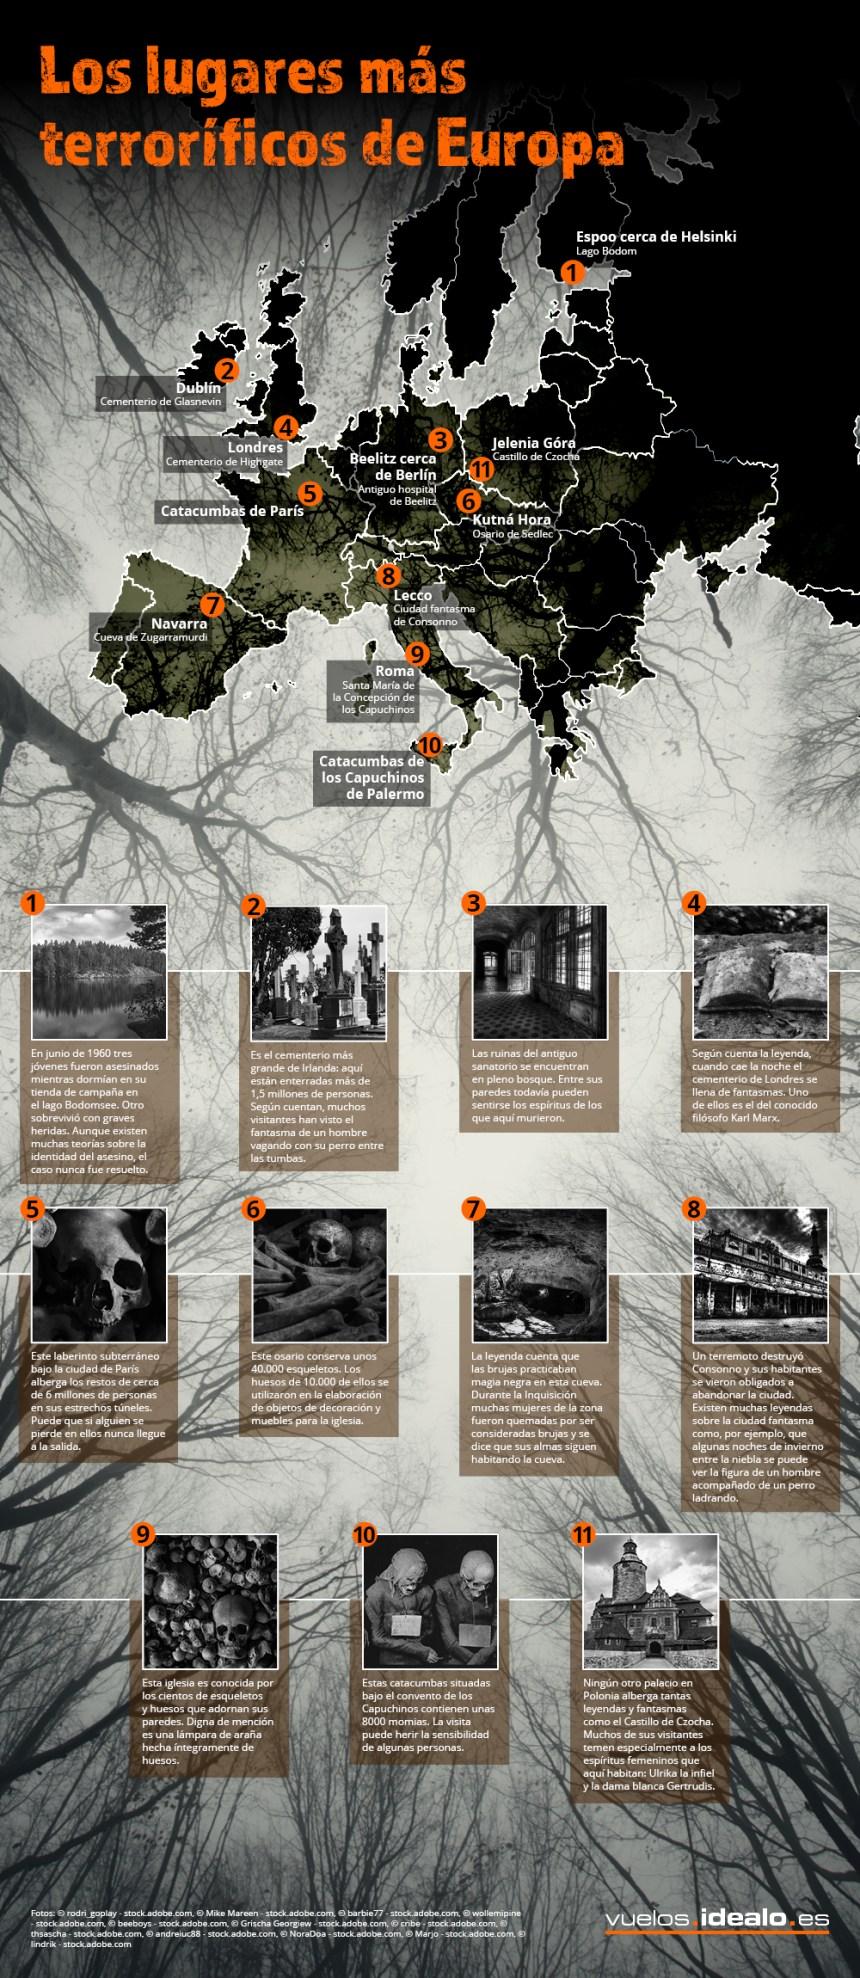 Los lugares más terroríficos de Europa para visitar